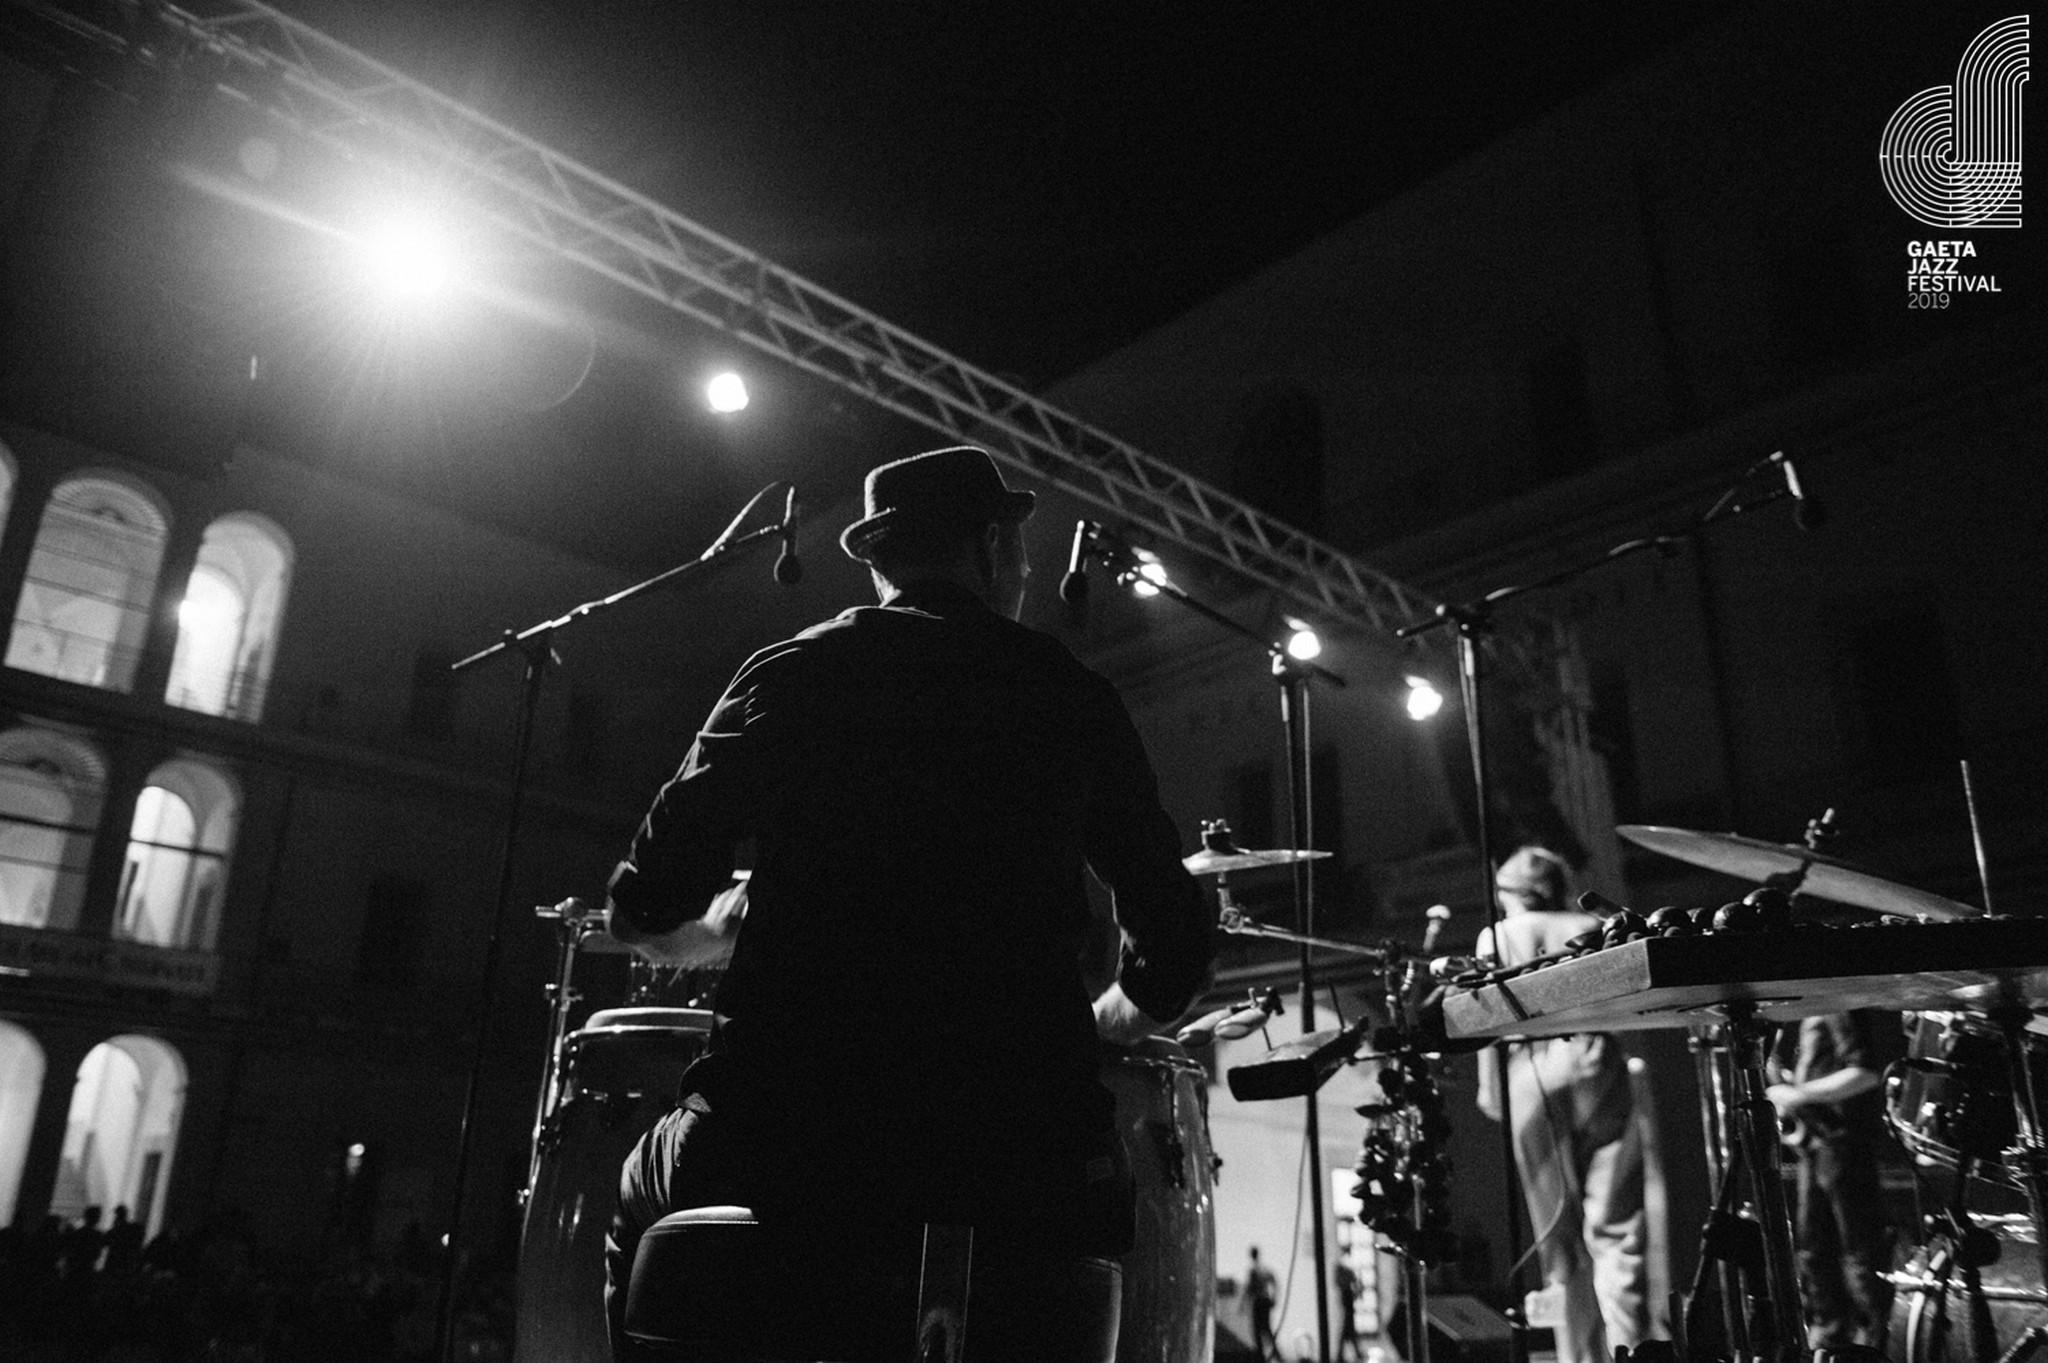 Flavia_Fiengo_Gaeta_Jazz_Festival_live_2019__00005